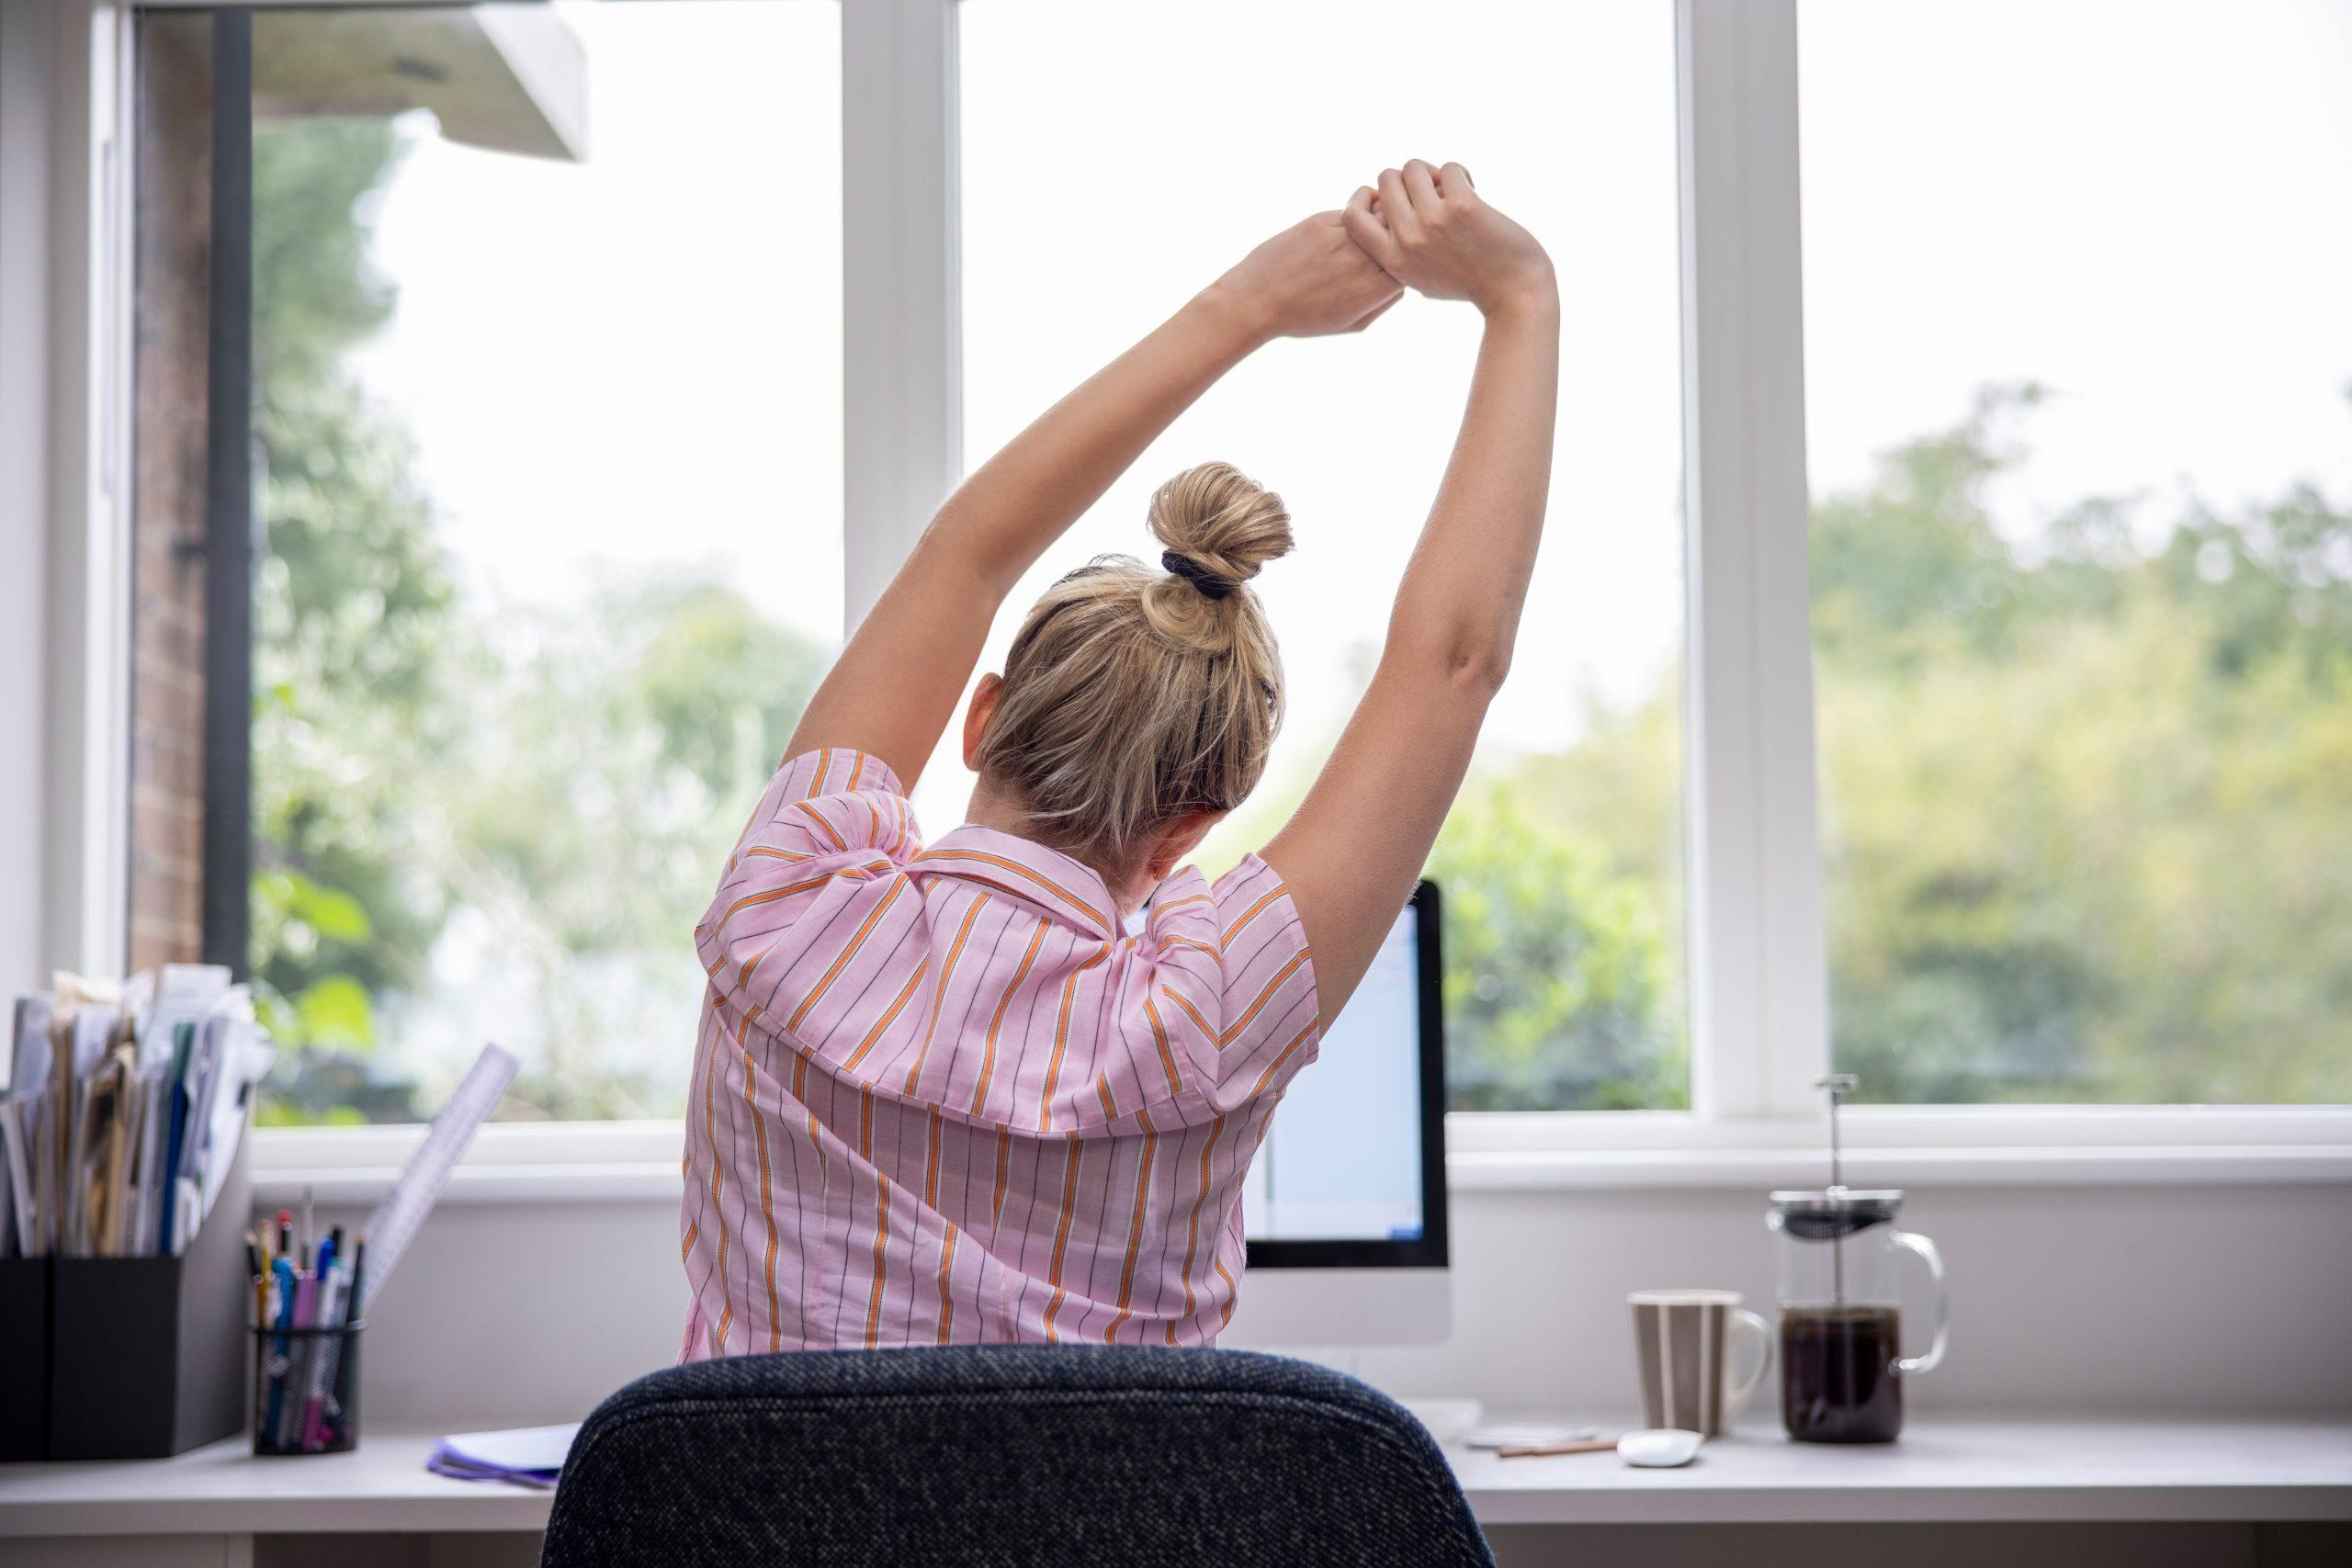 【あなたの仕事鑑定】|退職希望・毎日将来が不安◆スキル・転機・成功